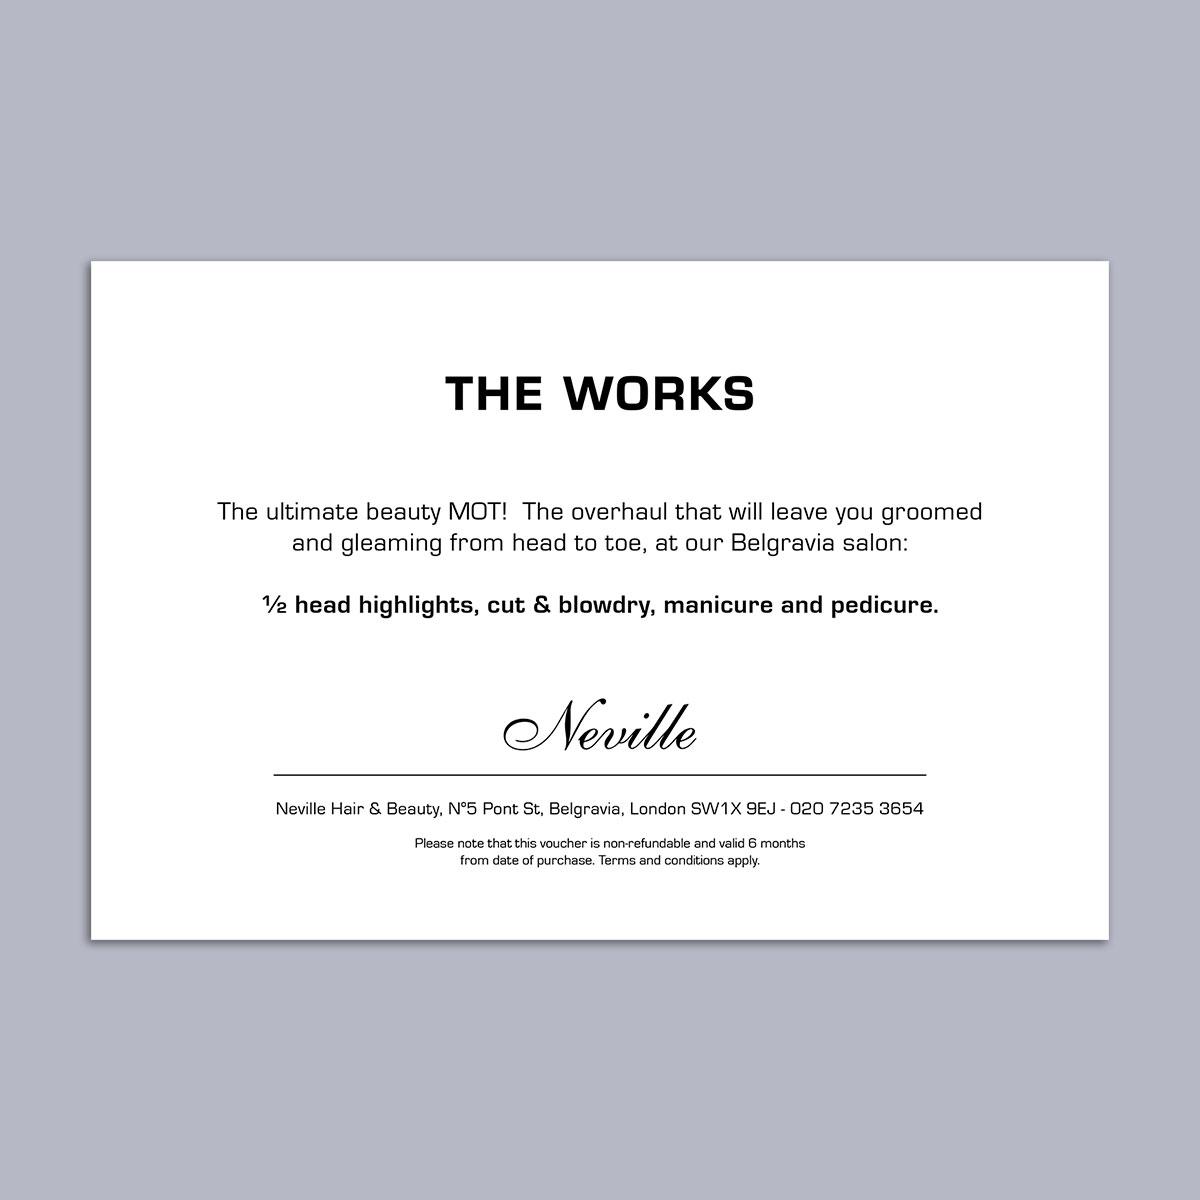 The Works Voucher